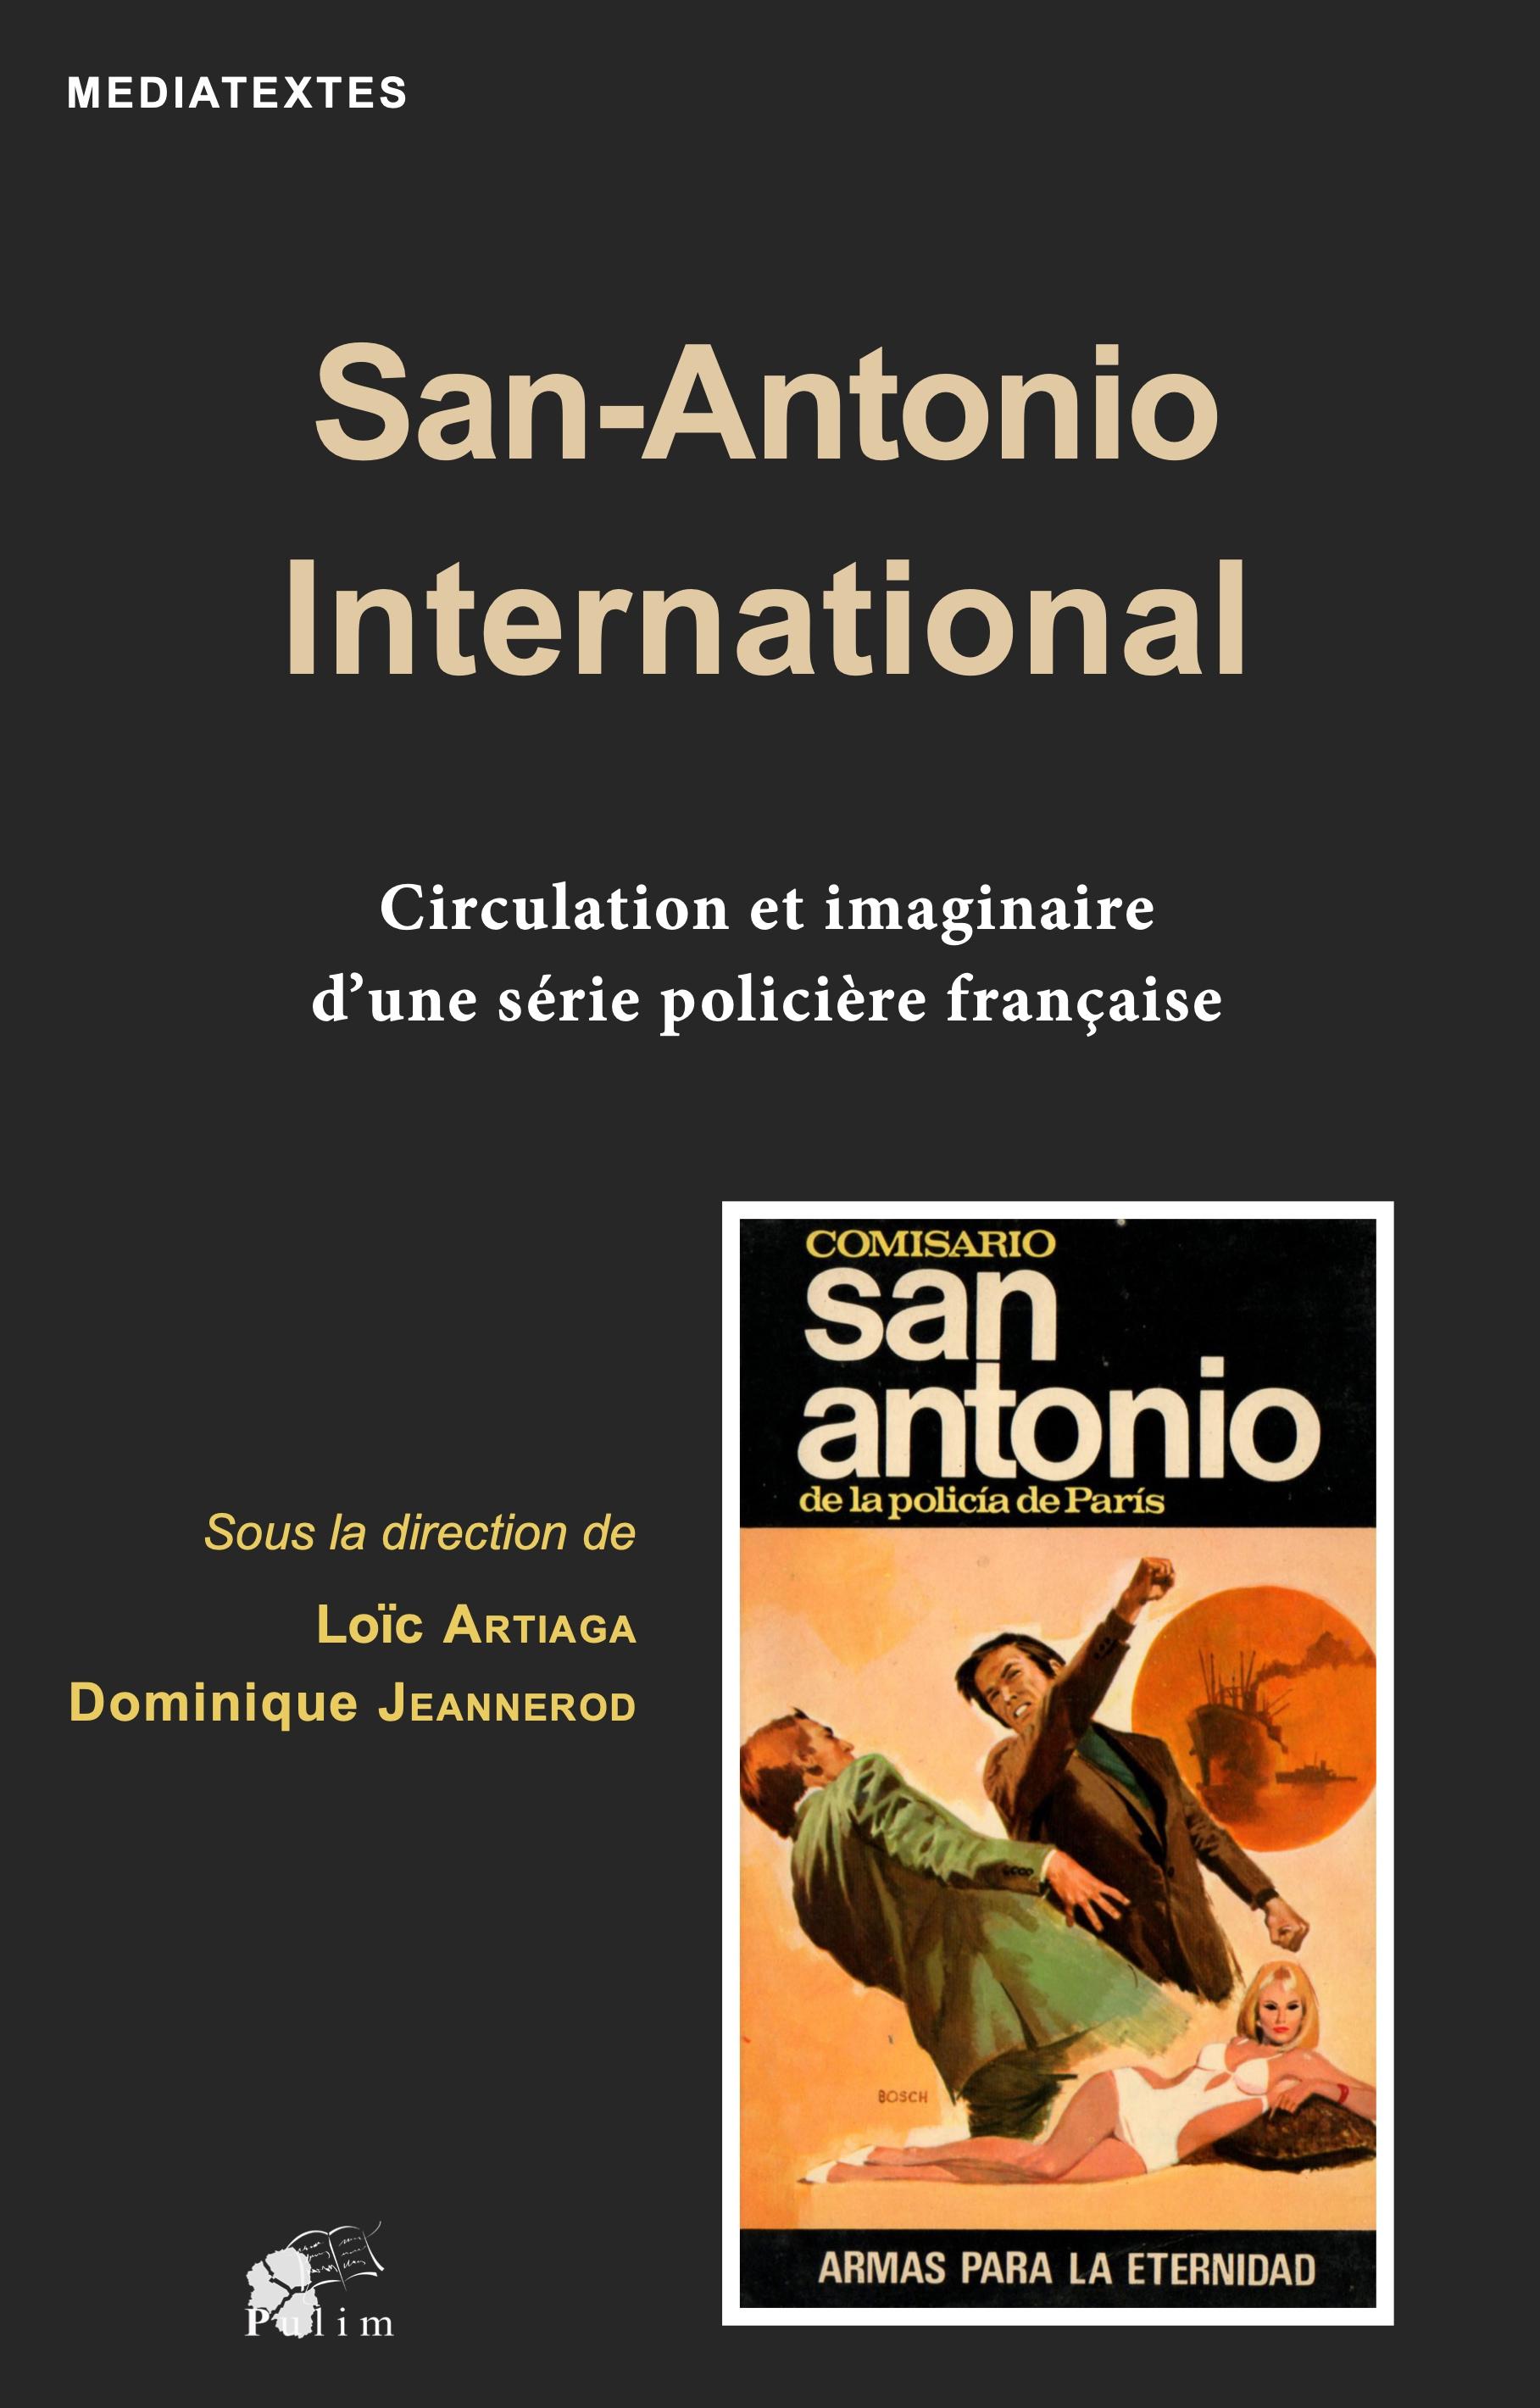 L. Artiaga, D. Jeannerod (dir.), San-Antonio International. Circulation et imaginaire d'une série policière française